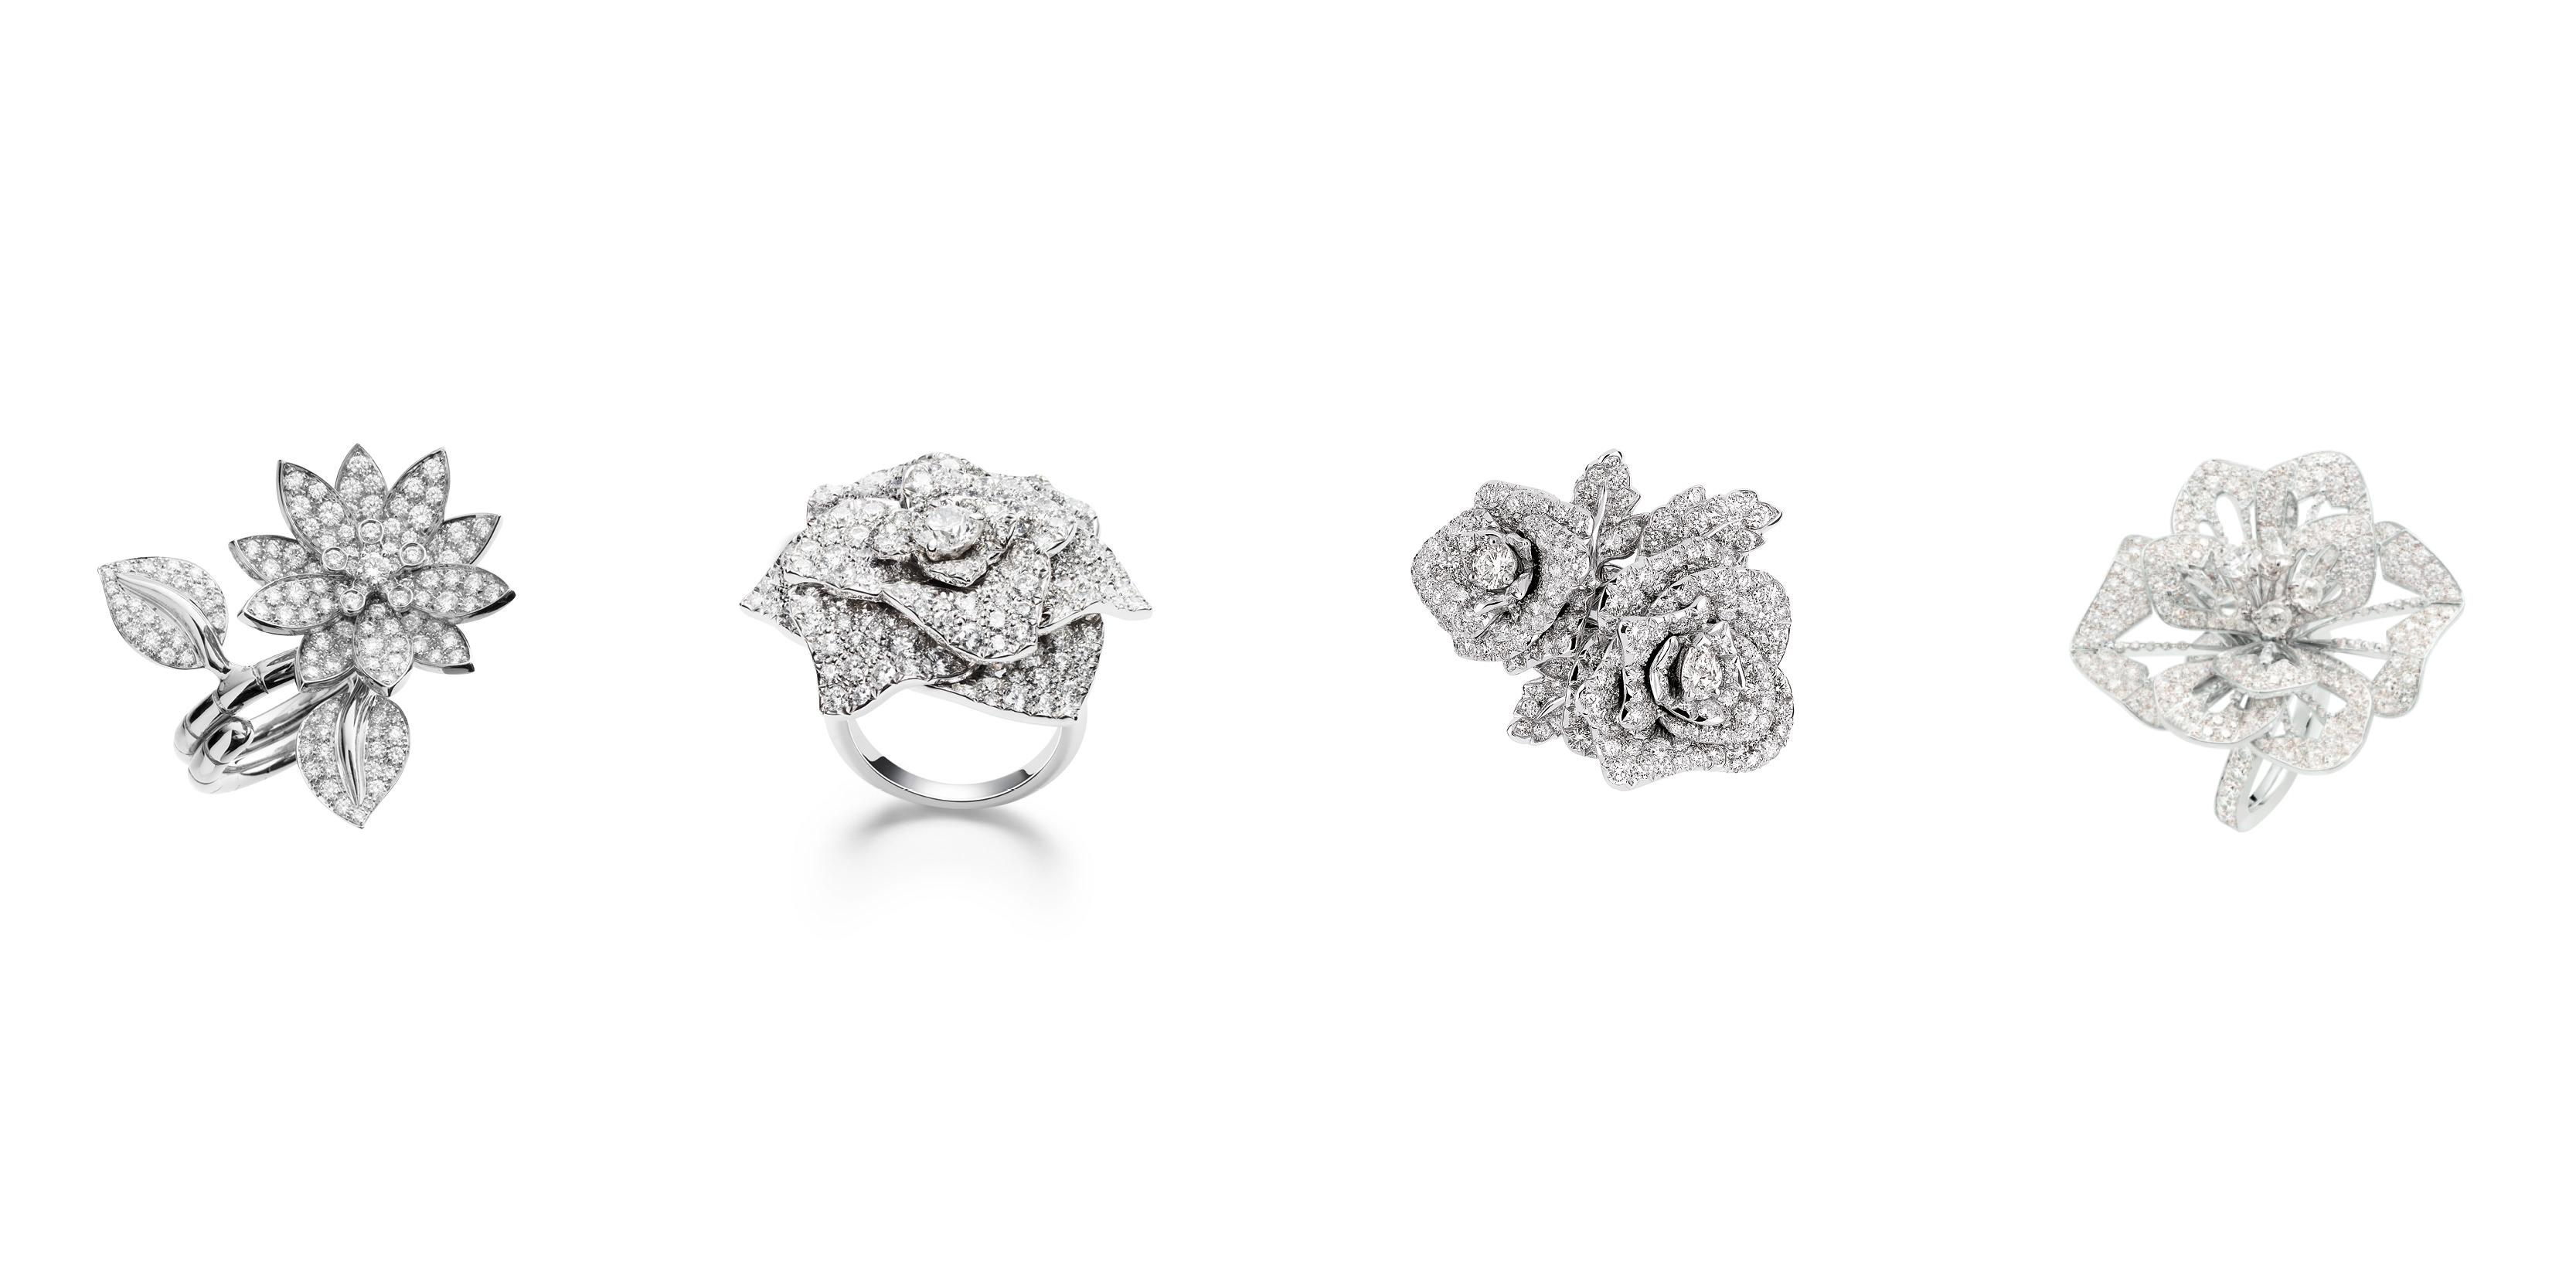 """Bague """"Entre les Doigts Lotus"""", or blanc, diamants ronds, VAN CLEEF & ARPELS. Bague """"Piaget Rose"""" en or blanc 18k, sertie de 36 diamants taille brillant (env. 0,22 ct), PIAGET. Bague """"Rose Dior Bagatelle"""" GM, or blanc750/1000E et diamants, DIOR. Bague """"Pensée de Diamants"""" petit modèle,pavée de diamants, or blanc, BOUCHERON."""